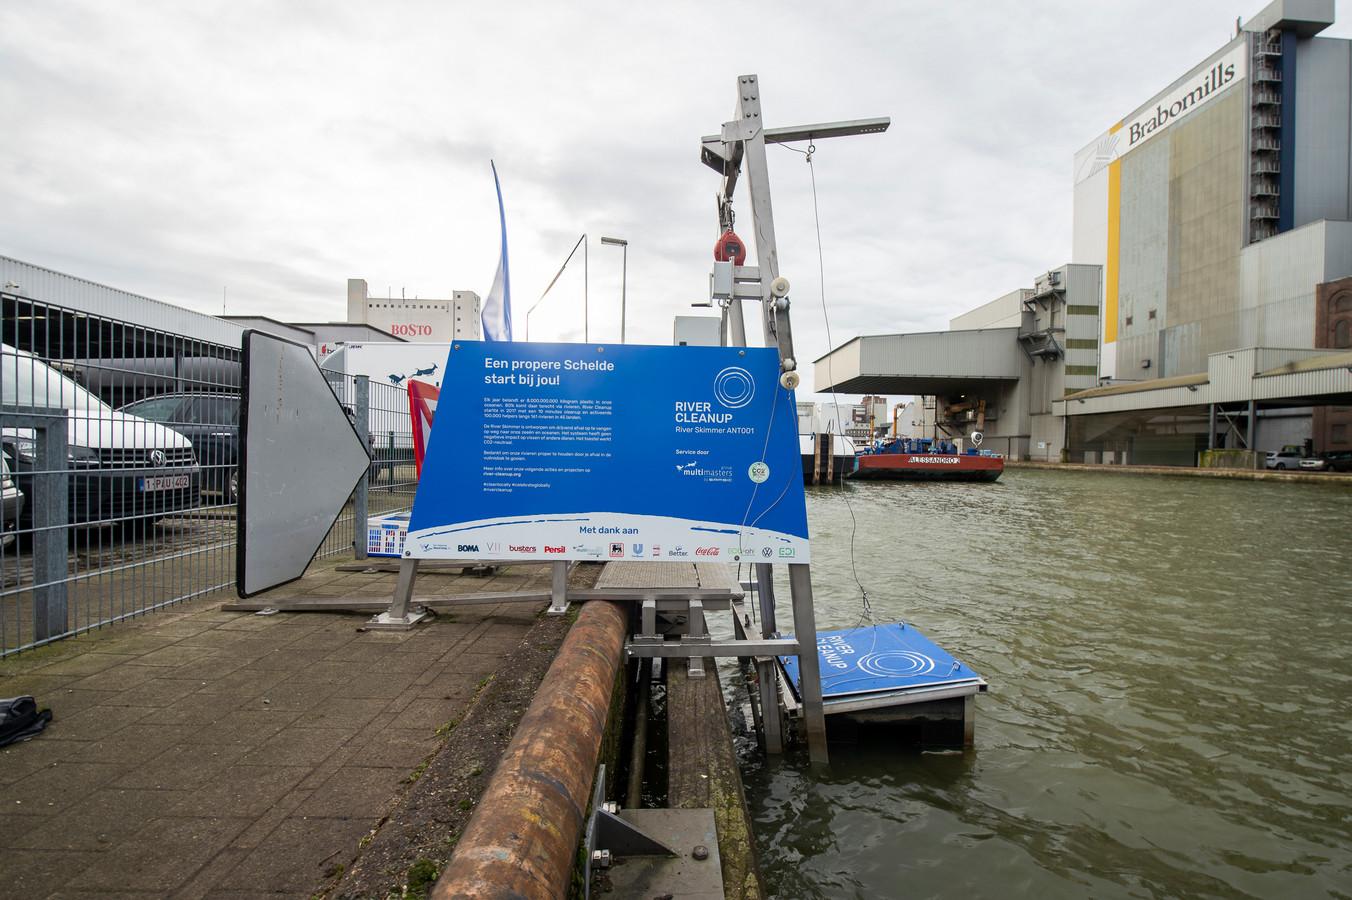 De River Skimmer is een vernieuwend technologisch toestel, dat op automatische basis afval ruimt in het water.